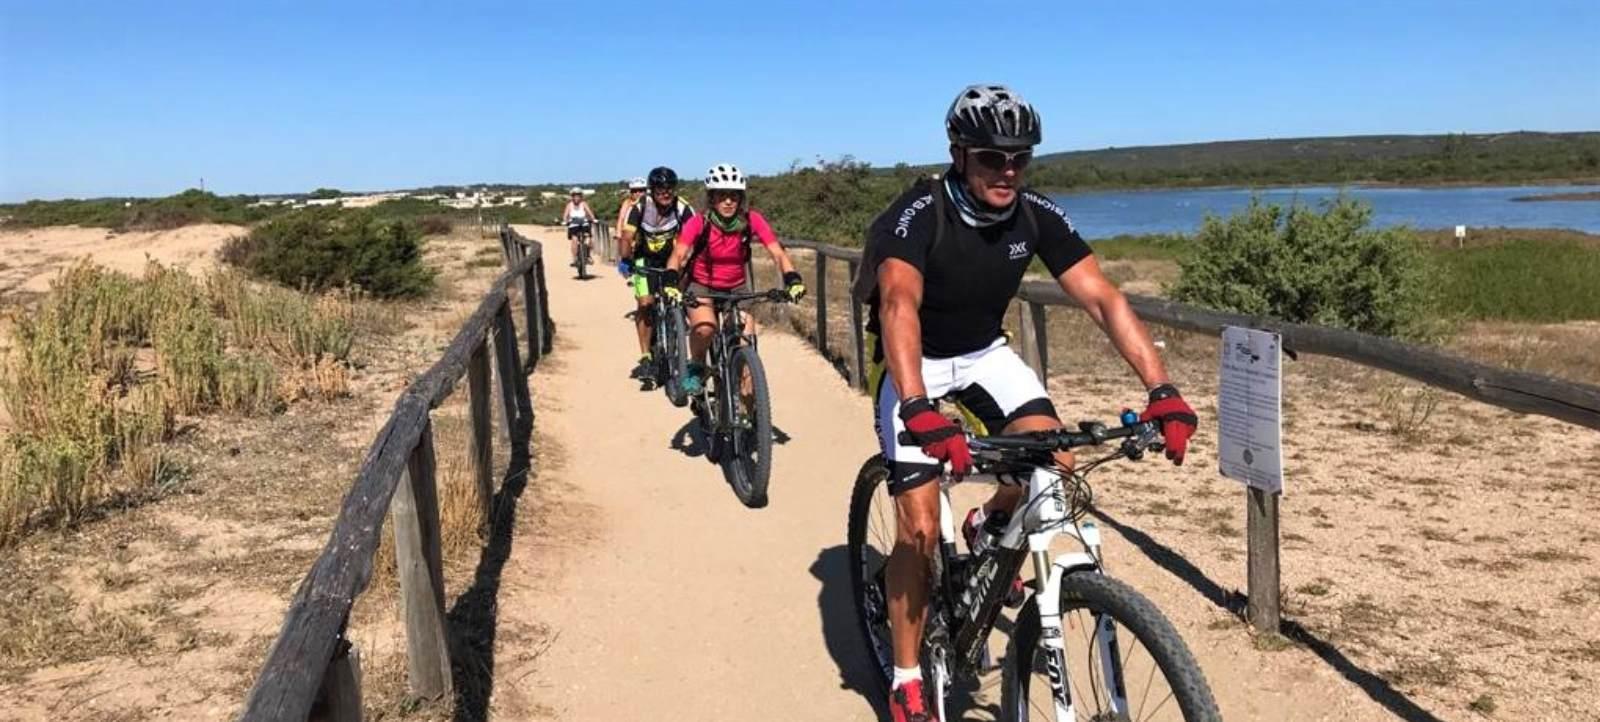 Noleggio bici per cicloturisti